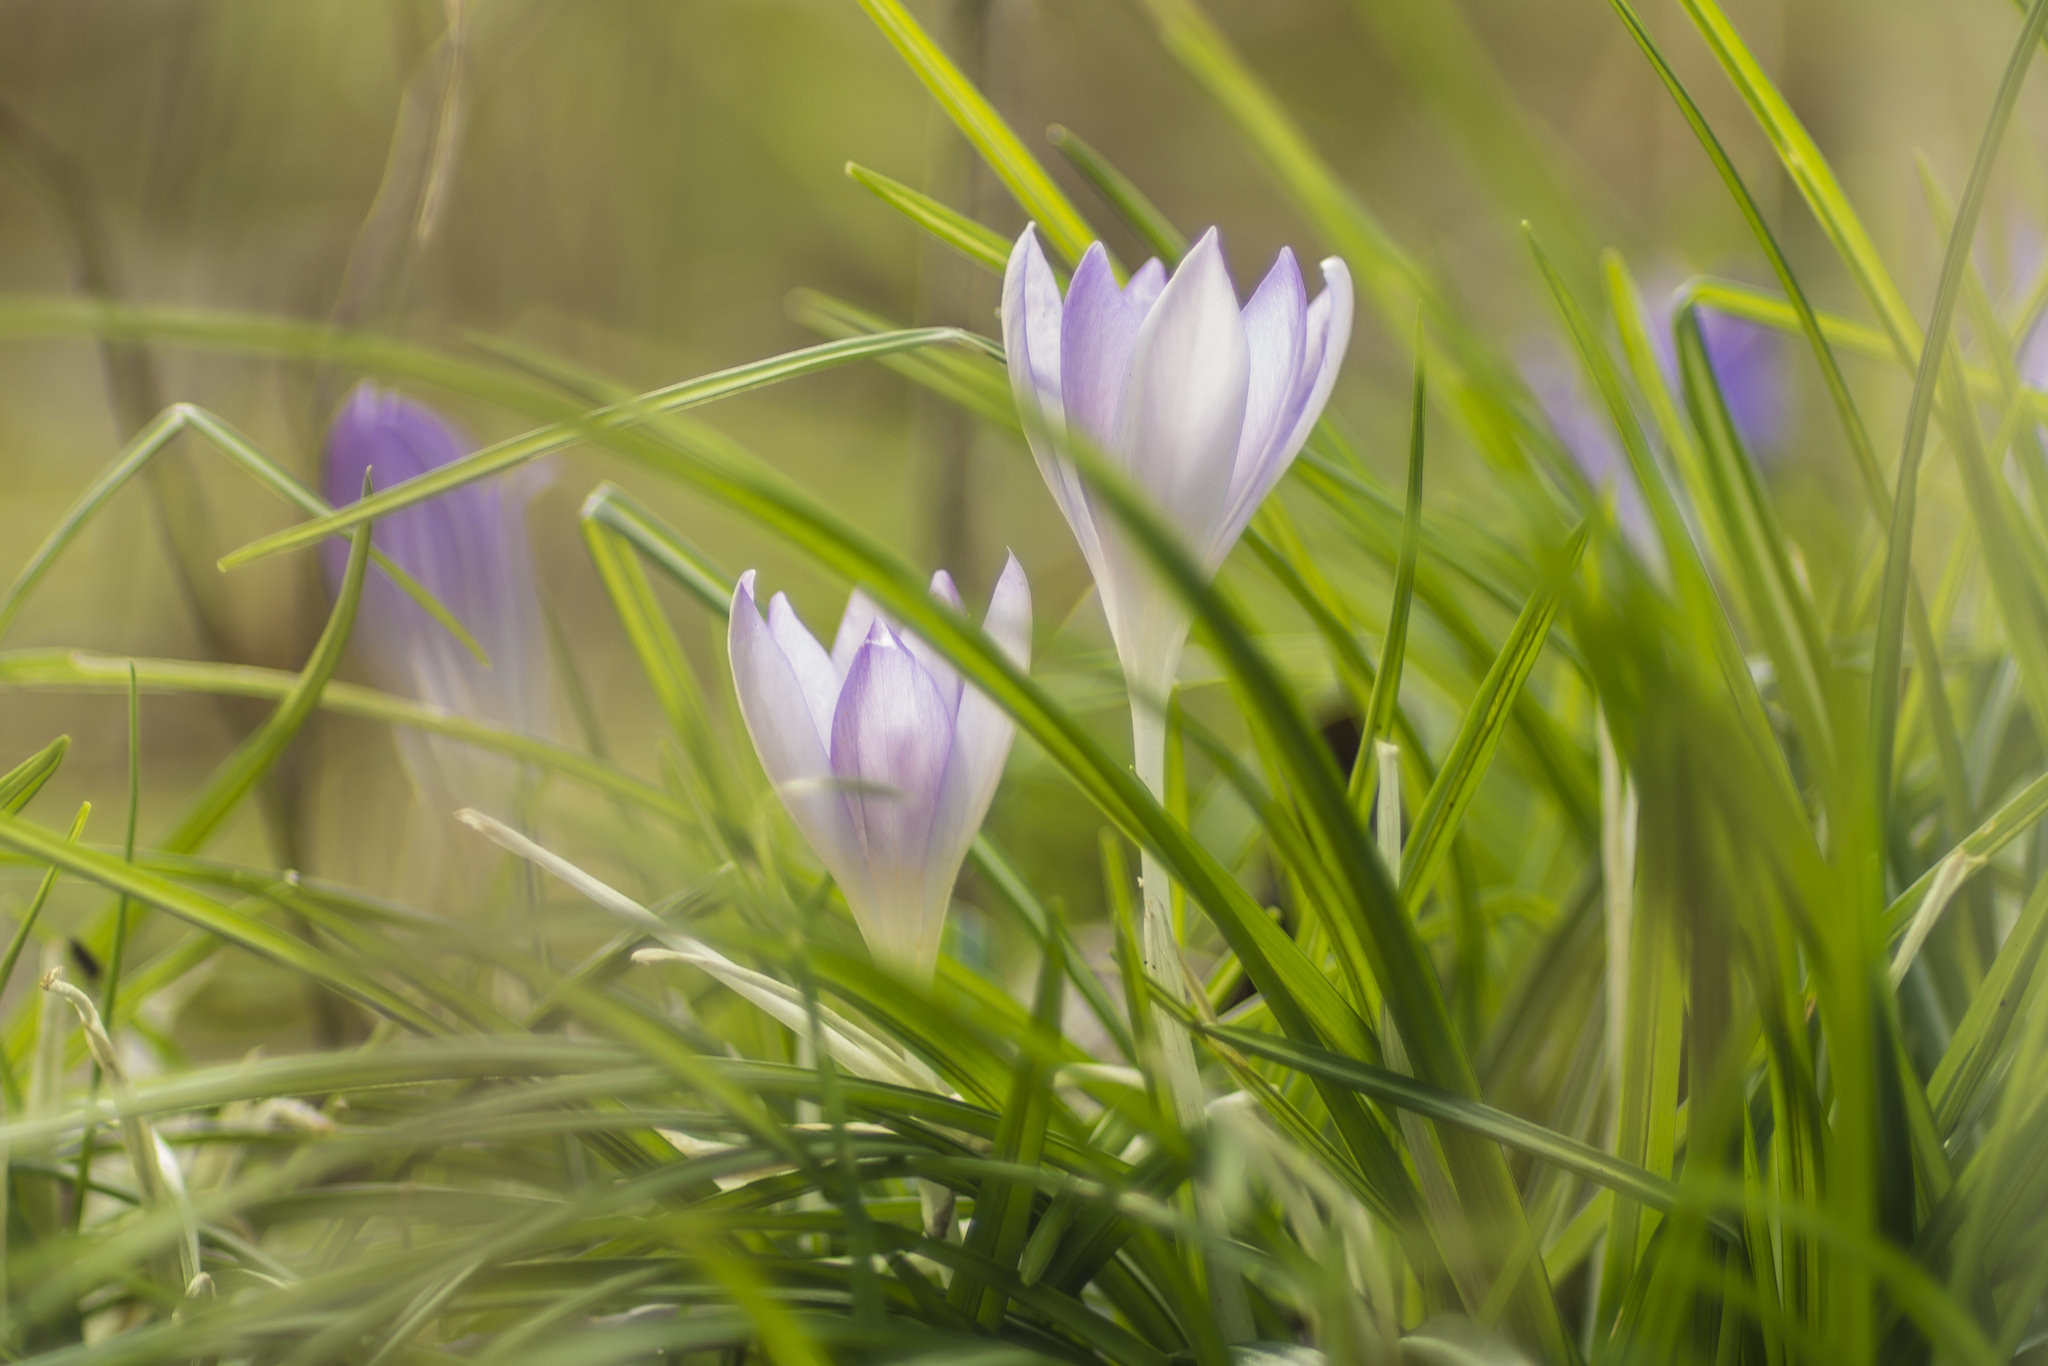 обои крокусы, цветы, флора, макро картинки фото